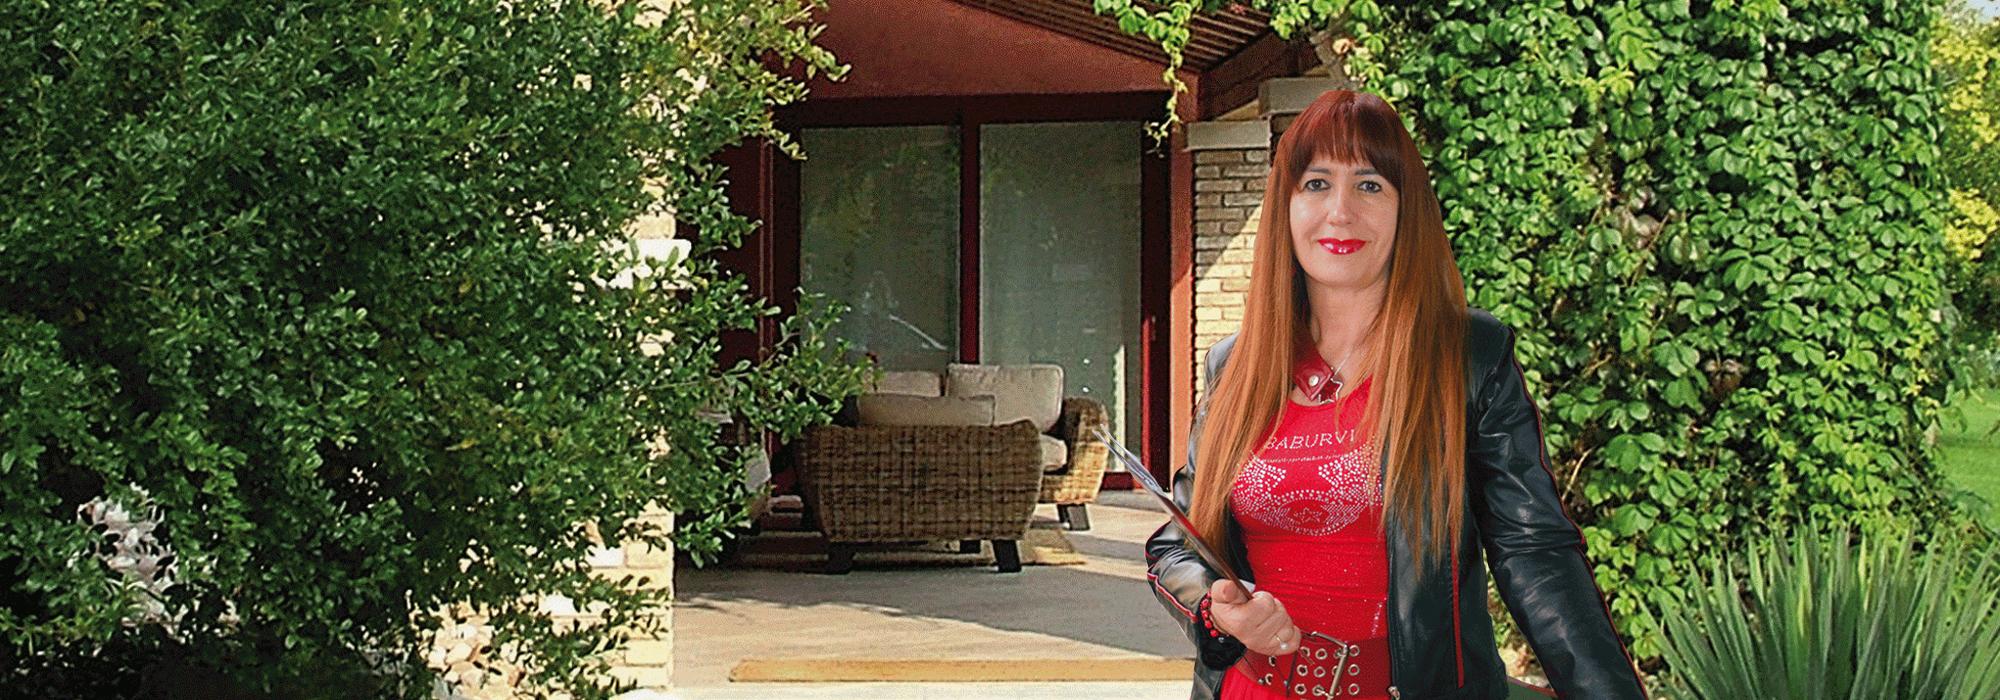 Agenzie Immobiliari Bassano agenzia dolce casa   bassano del grappa - vendi e affitta